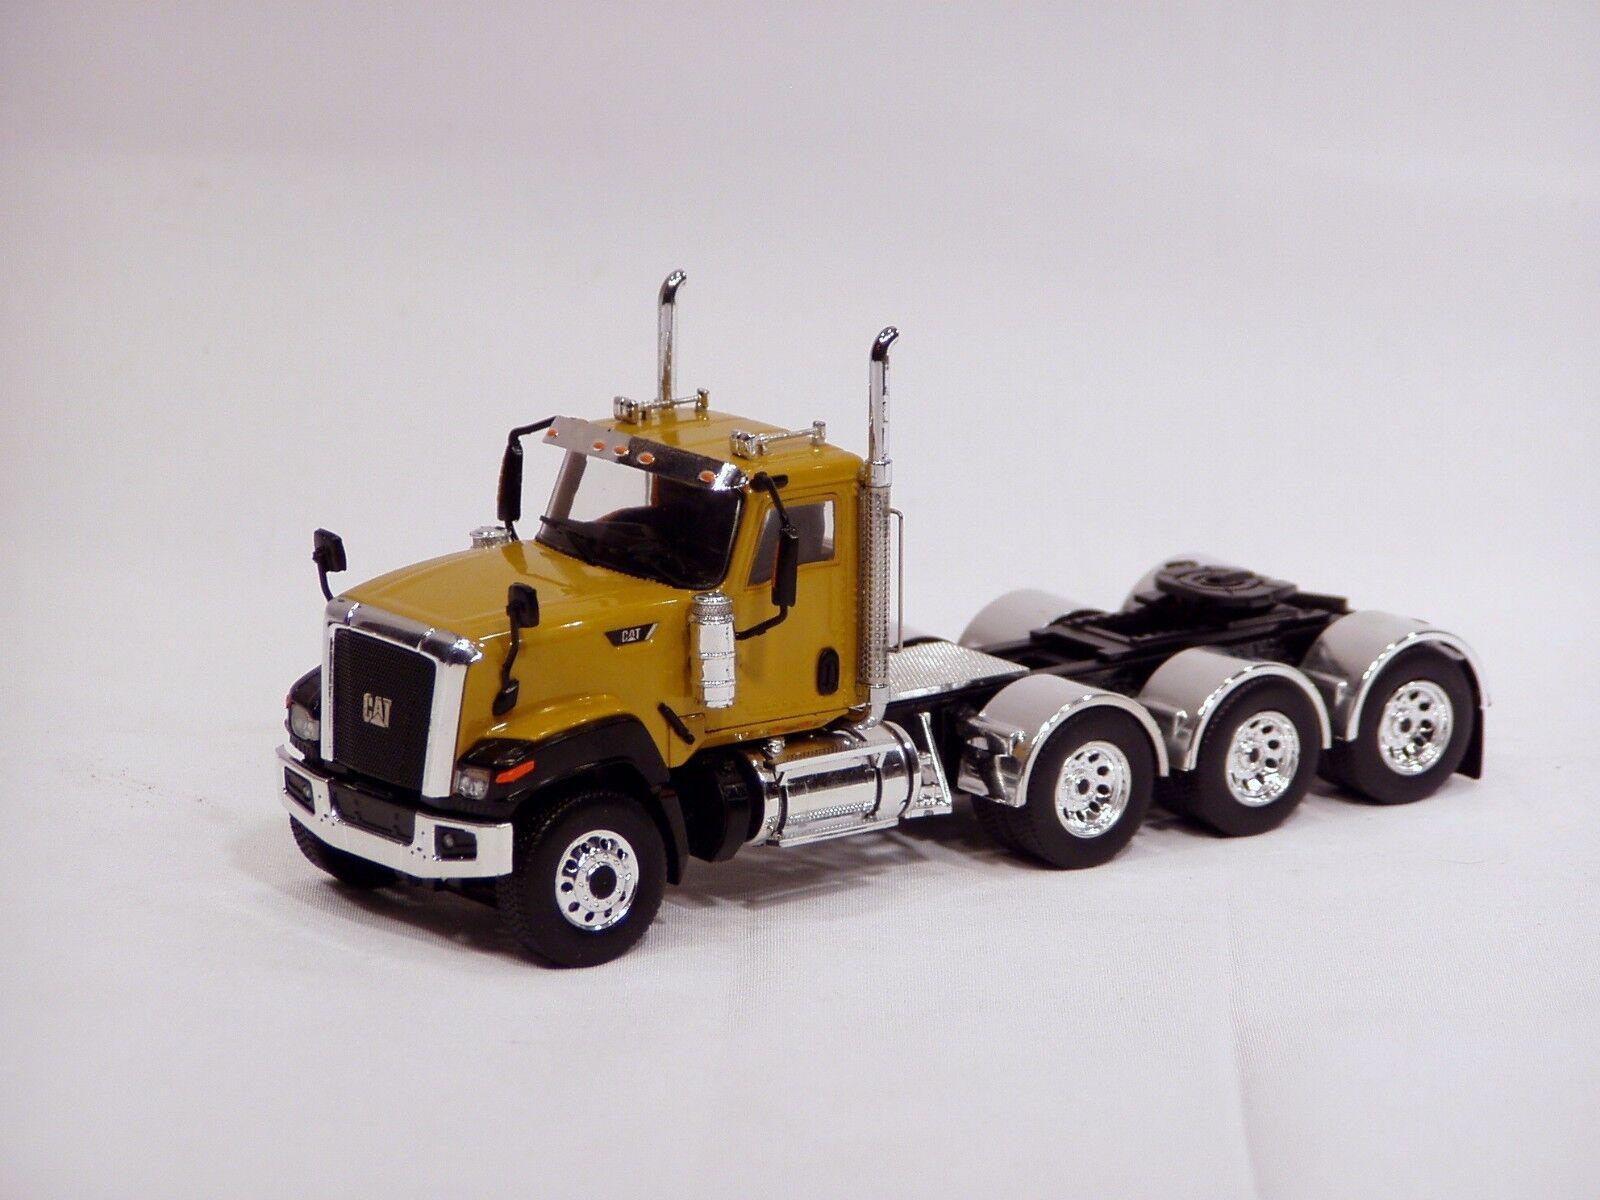 marcas en línea venta barata Tractor De De De Oruga CT680 8x4 Camión-Amarillo   - 1 50 - WSI  tienda de venta